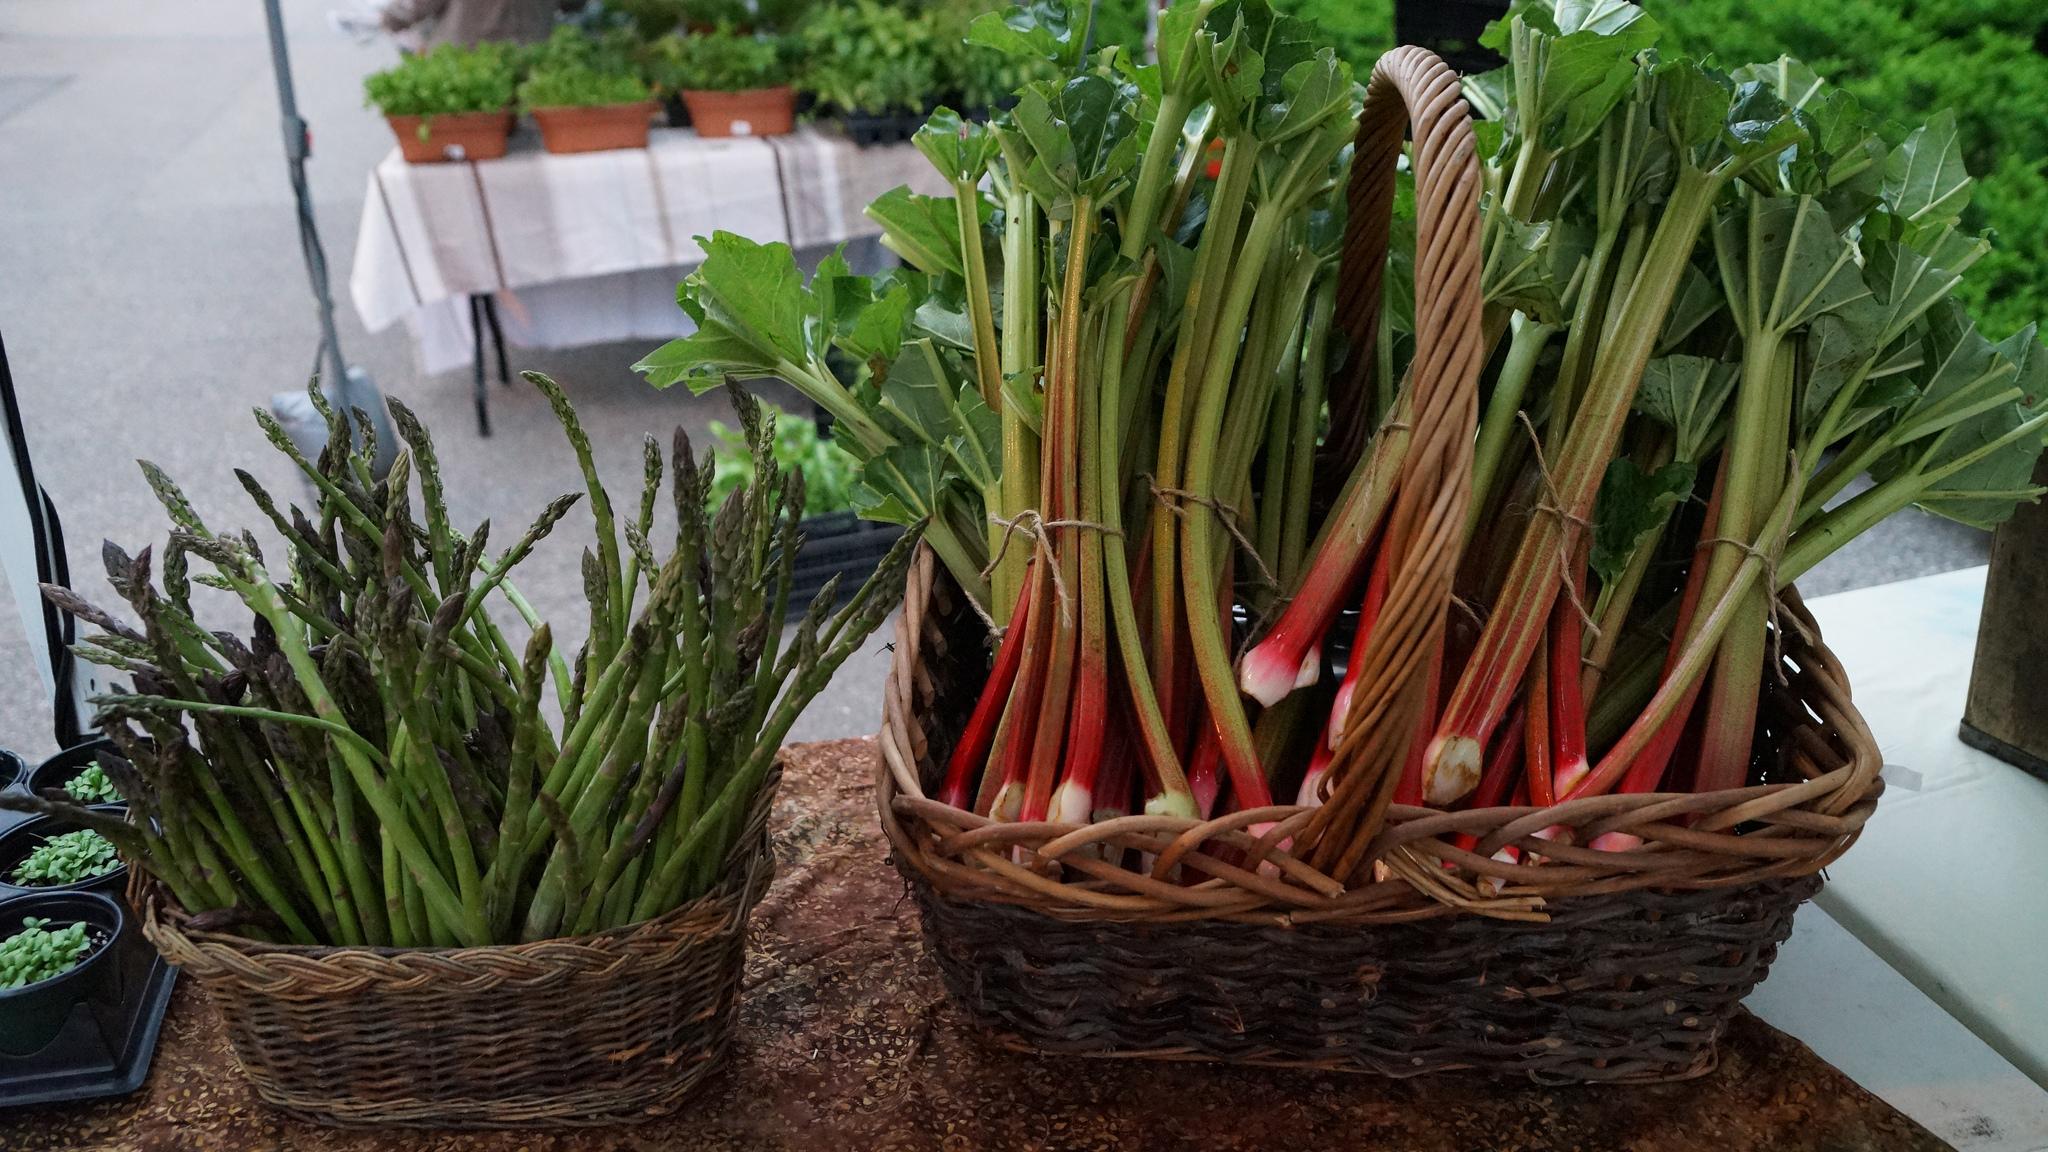 rhubarb and asparagus